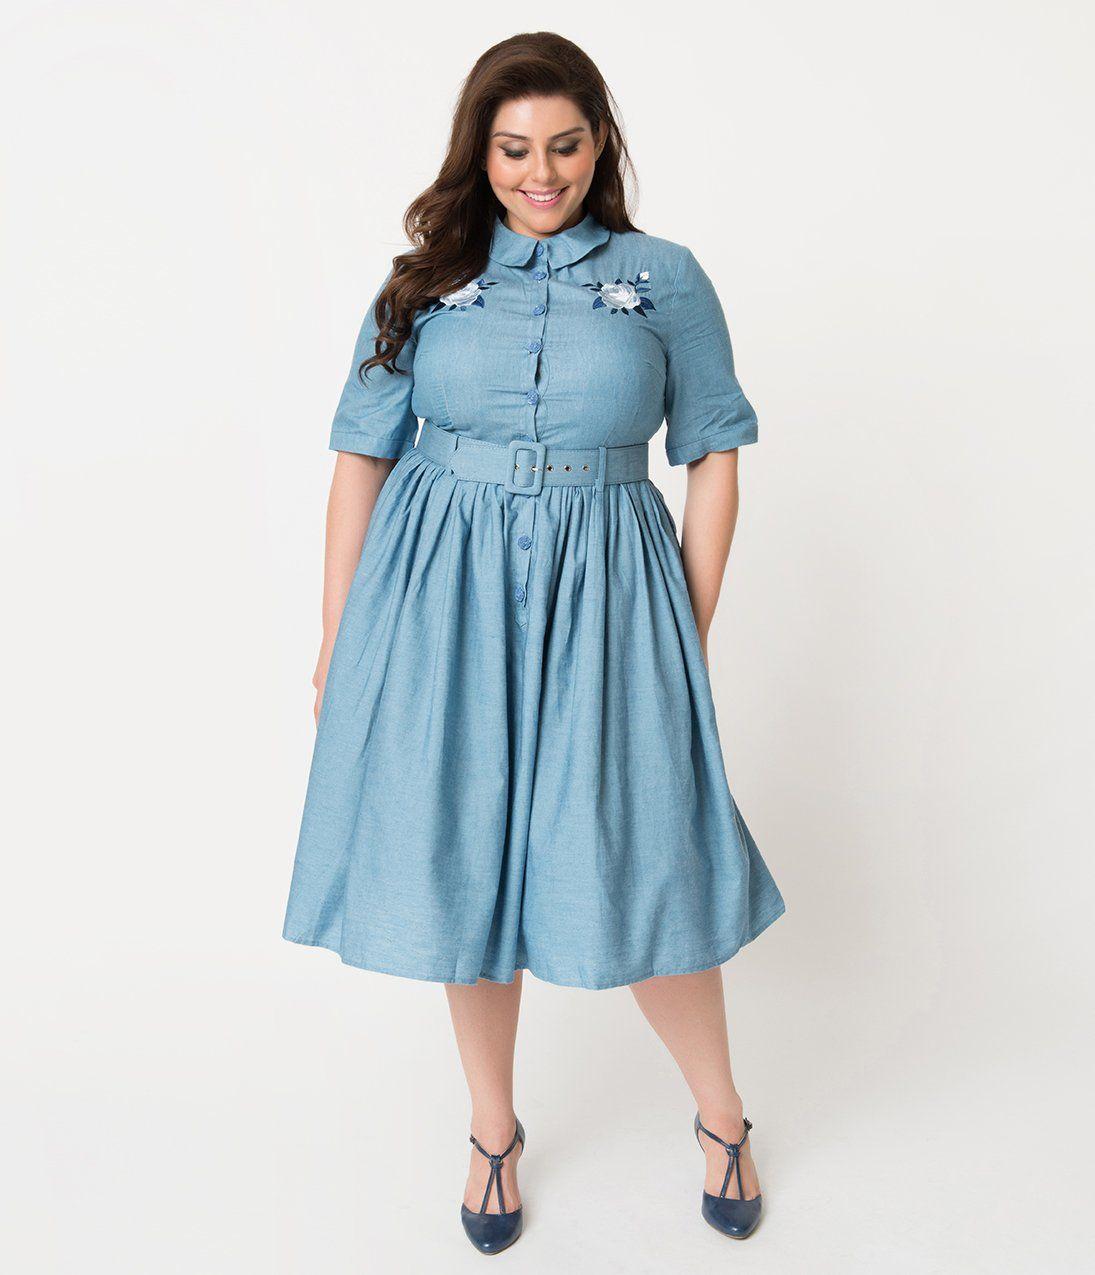 Plus Size Vintage Dresses, Plus Size Retro Dresses in 2020 ...